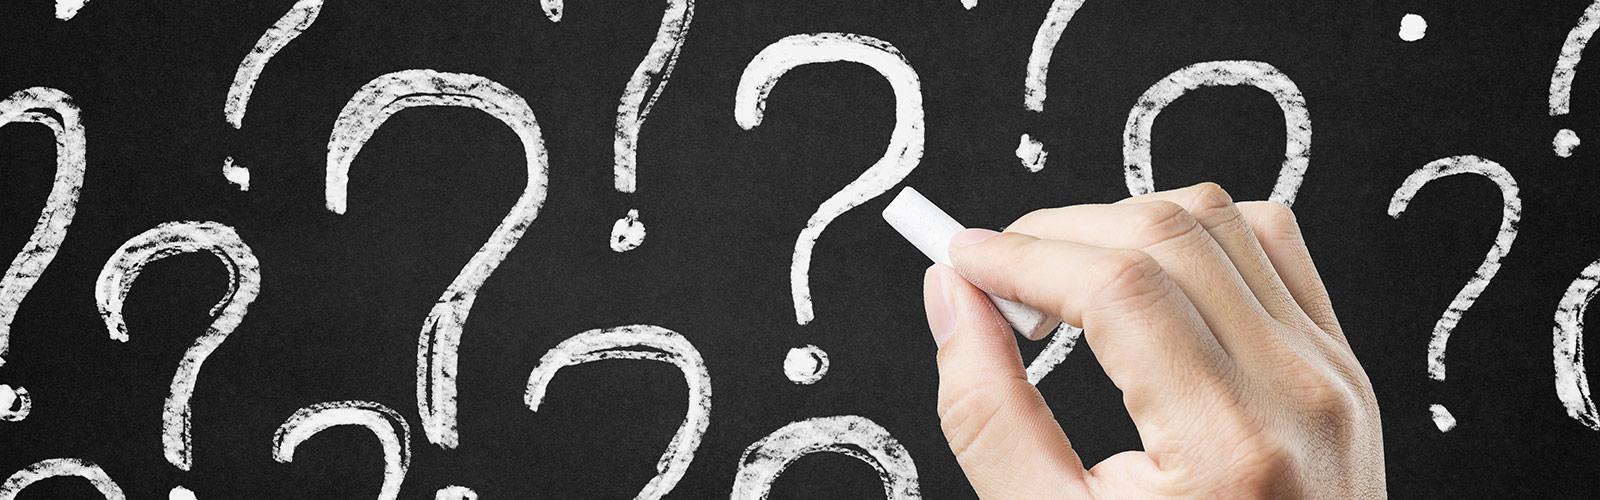 Frågor och svar kring hemsida och webb